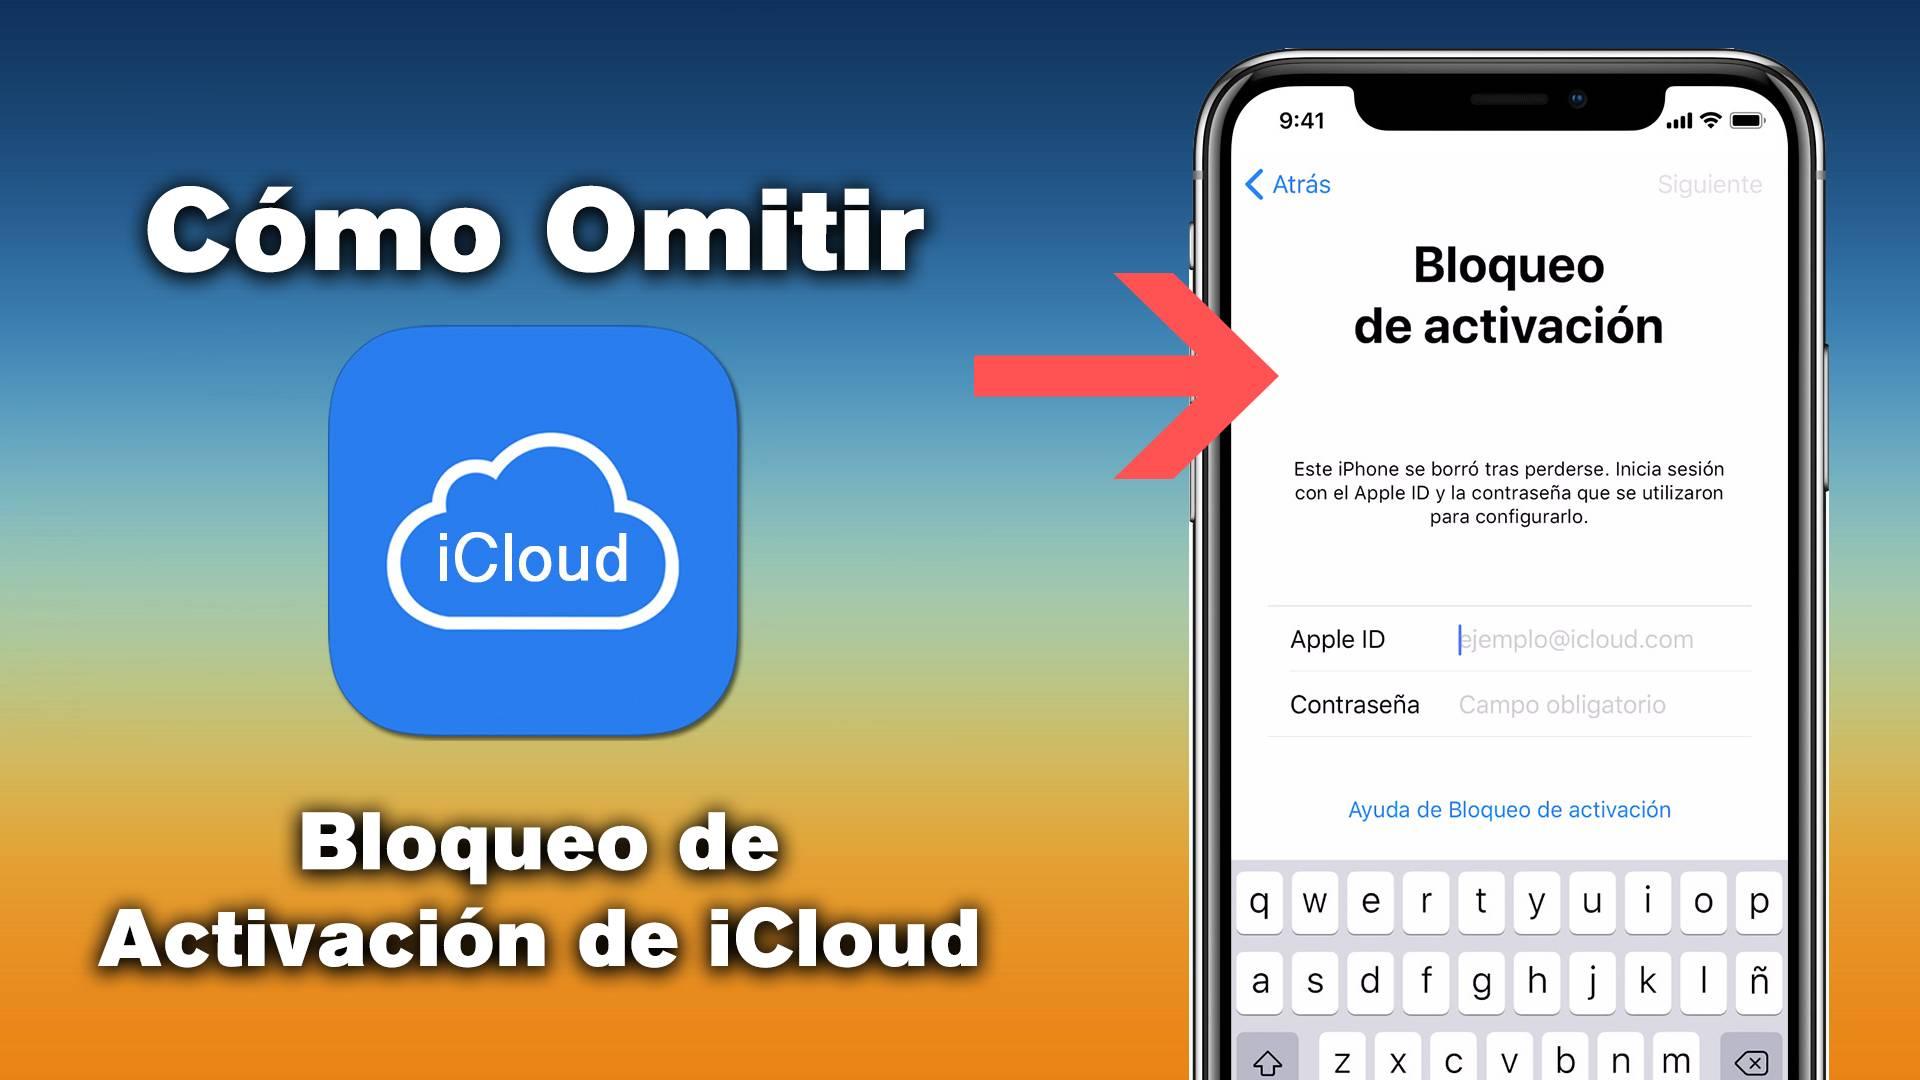 ▷ Cómo omitir el bloqueo de activación de iCloud en iOS 12, iOS 11 o anterior en iPhone / iPad